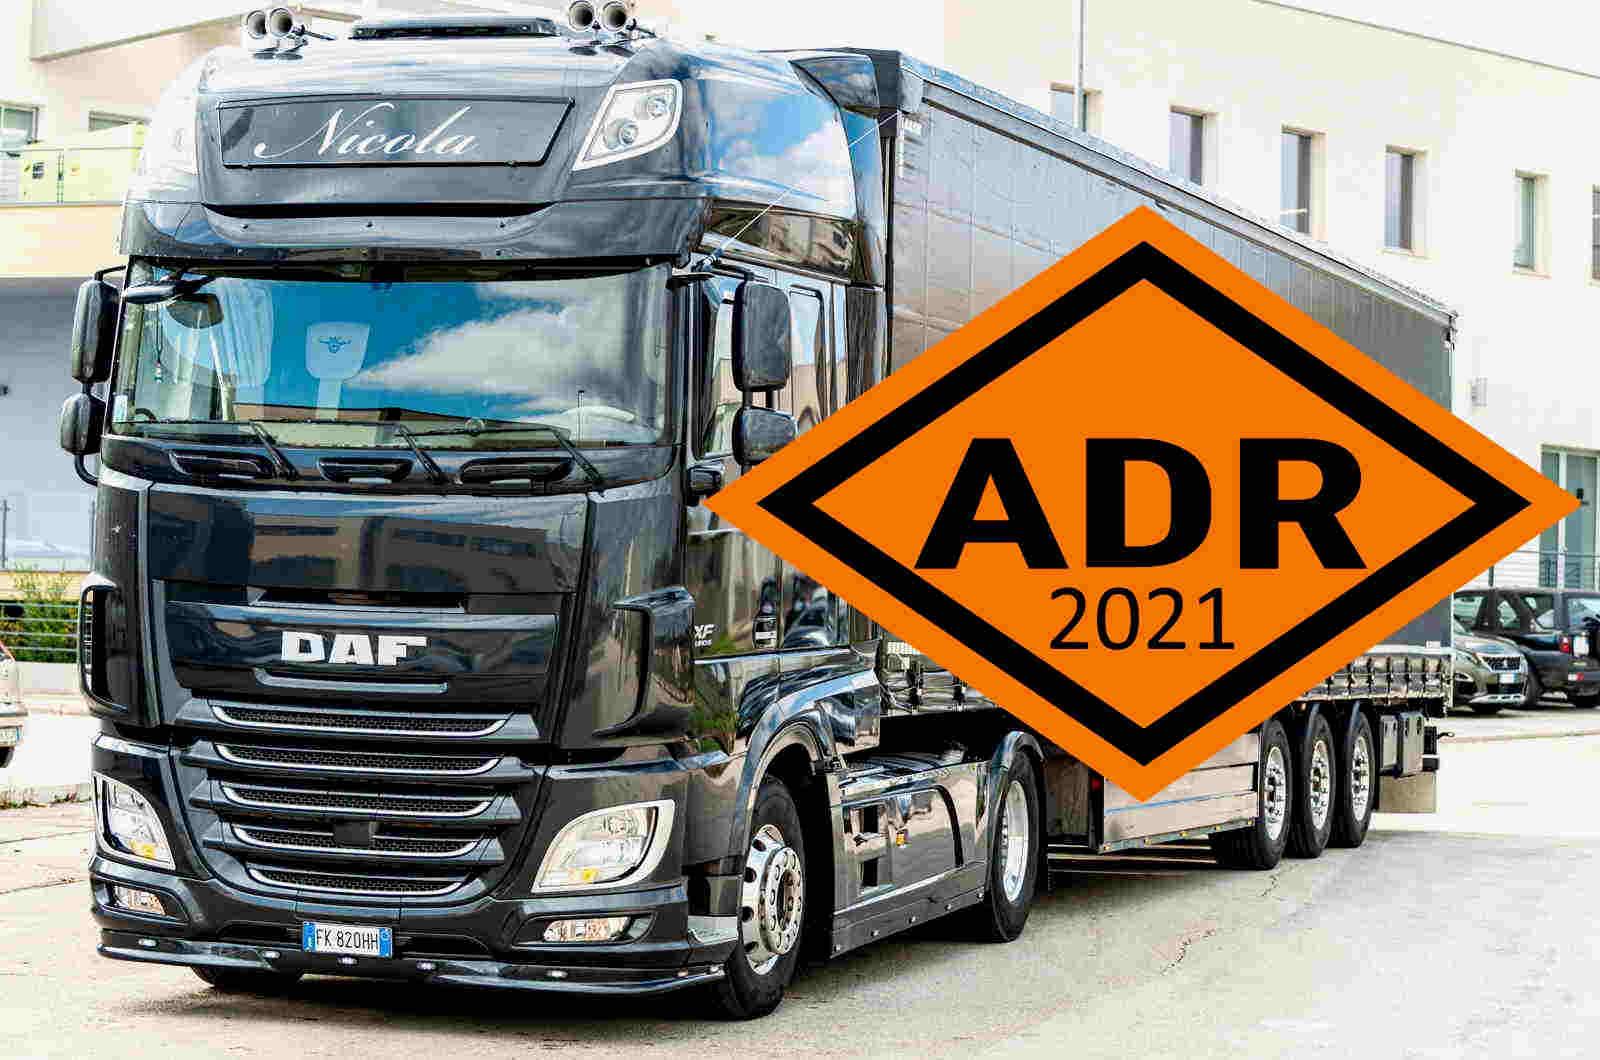 Adeguamento alla Normativa ADR 2021